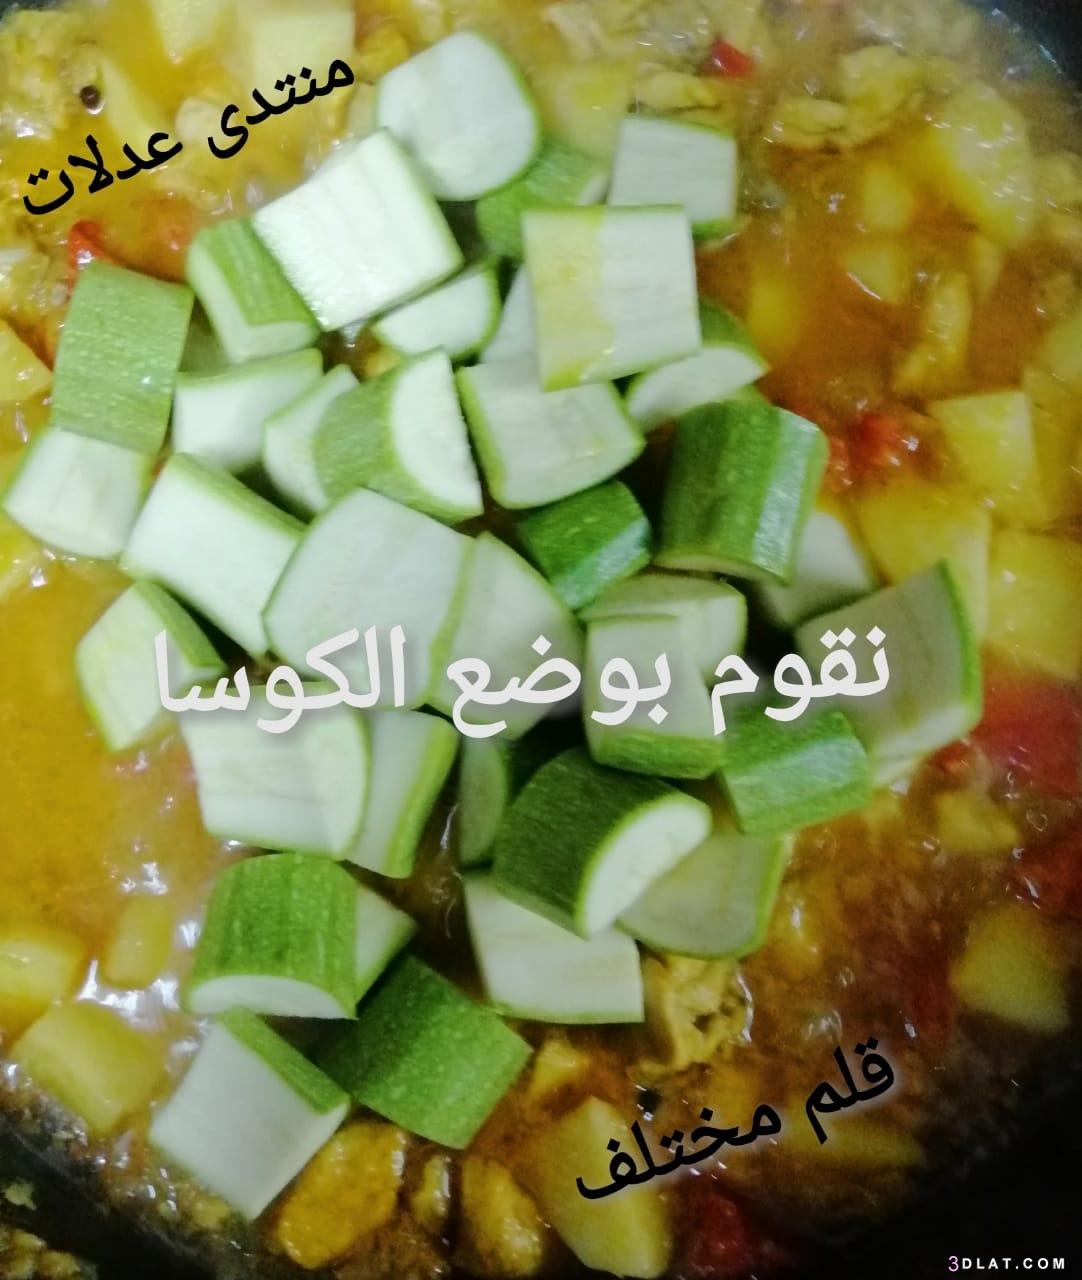 مطبخي ((قطع الدجاج الخضروات)) 3dlat.com_29_18_d50e